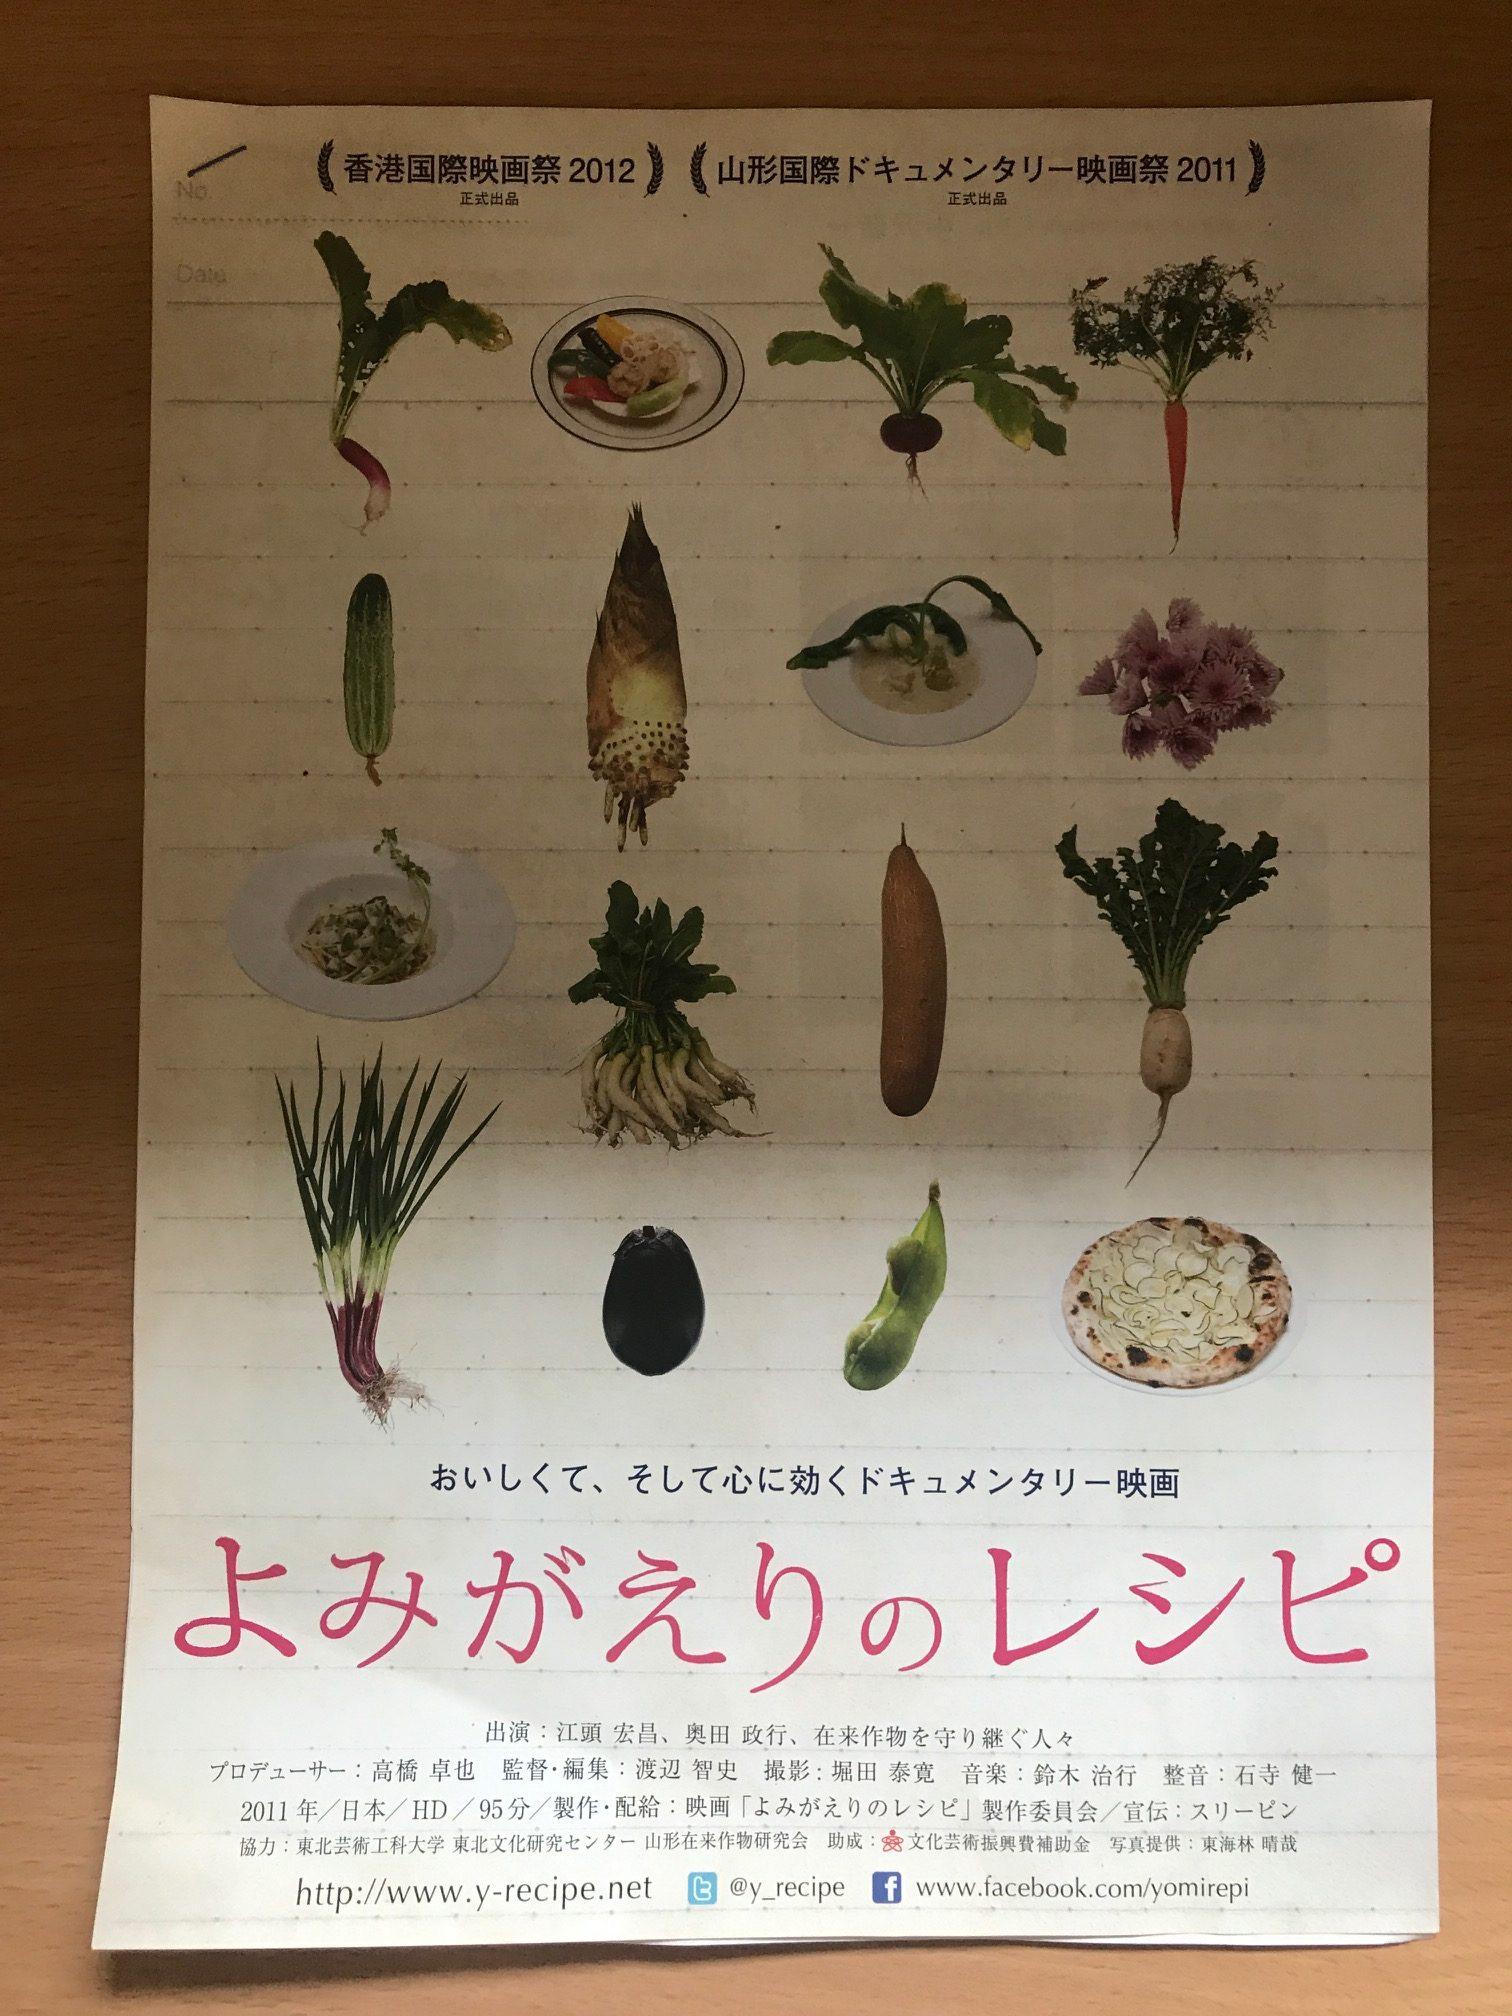 11/25 「よみがえりのレシピ」自主上映会 のお知らせ